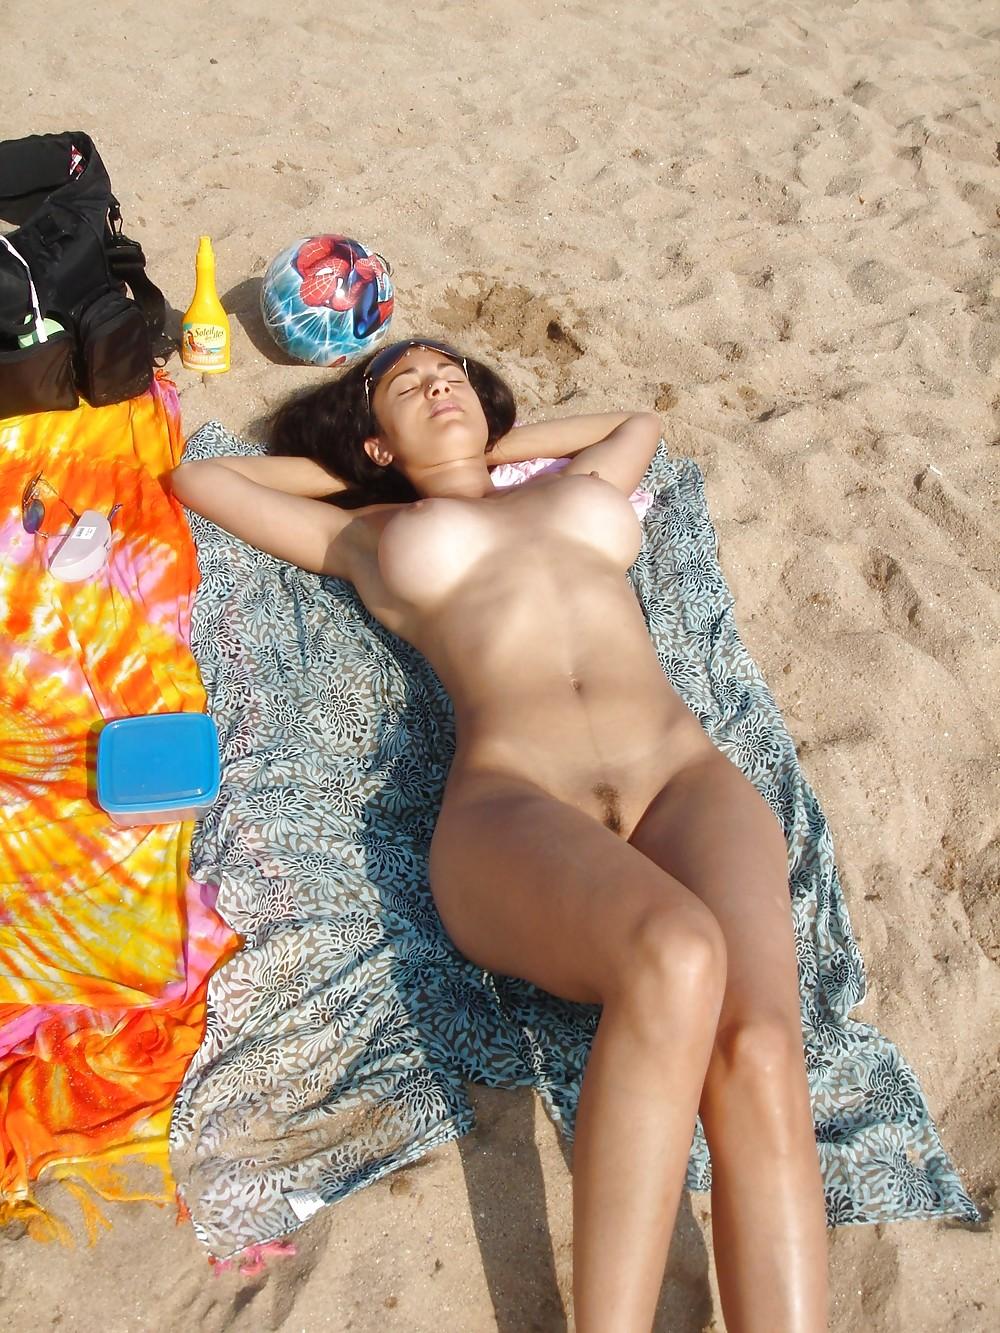 ヌーディストビーチ 27